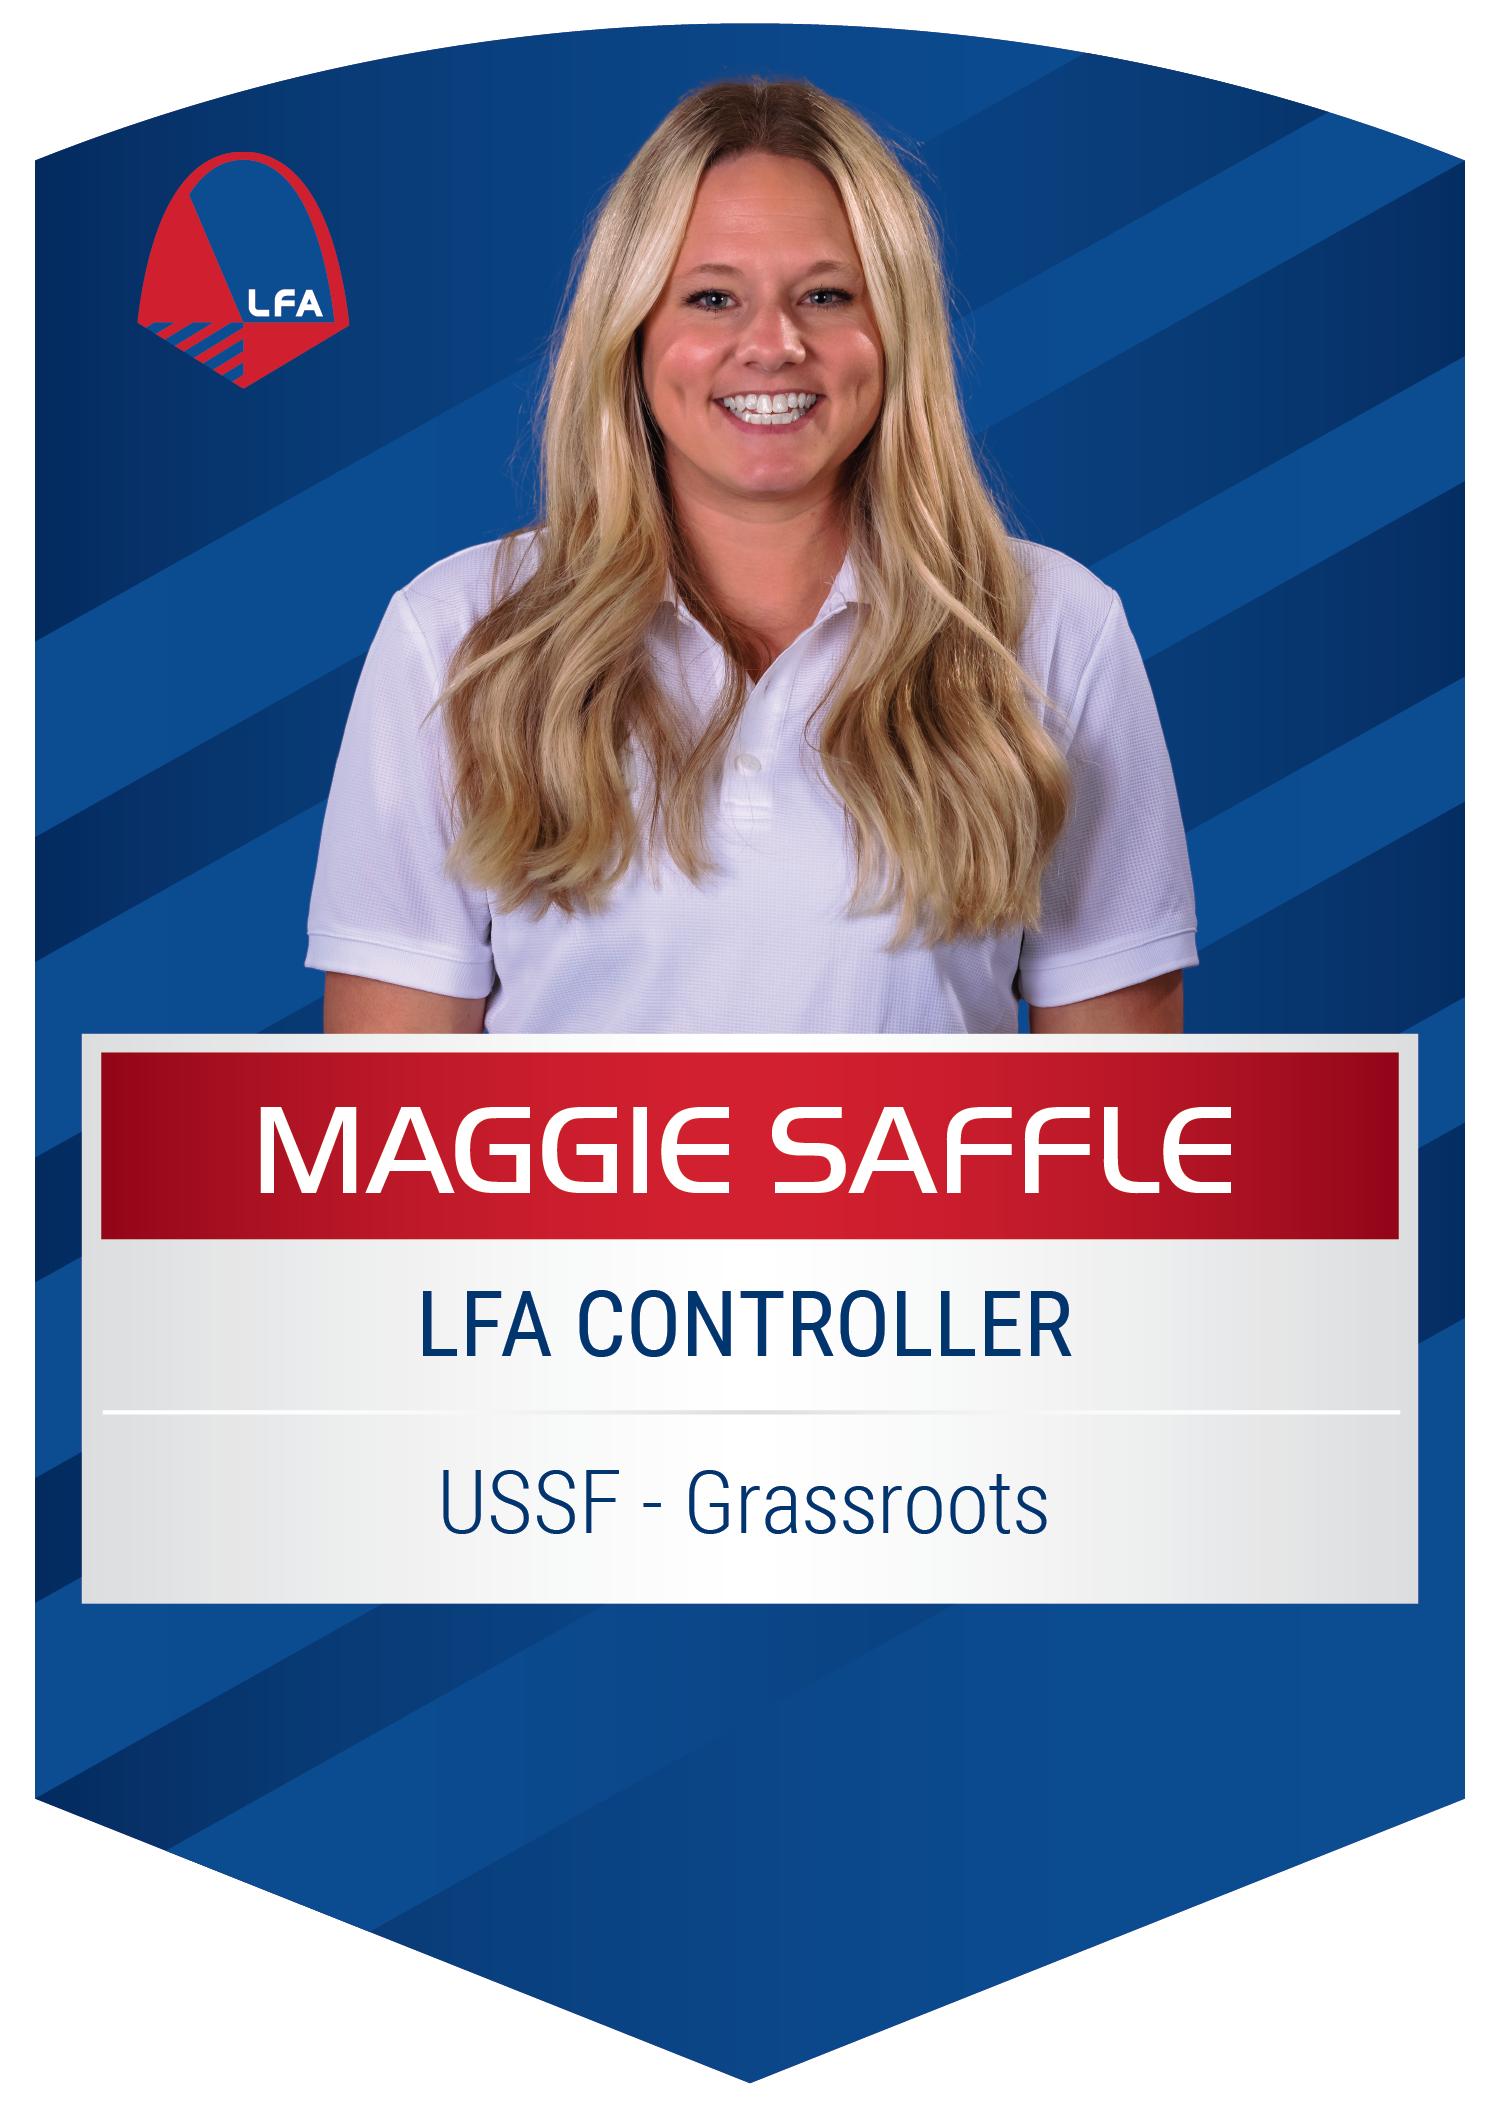 Maggie Saffle